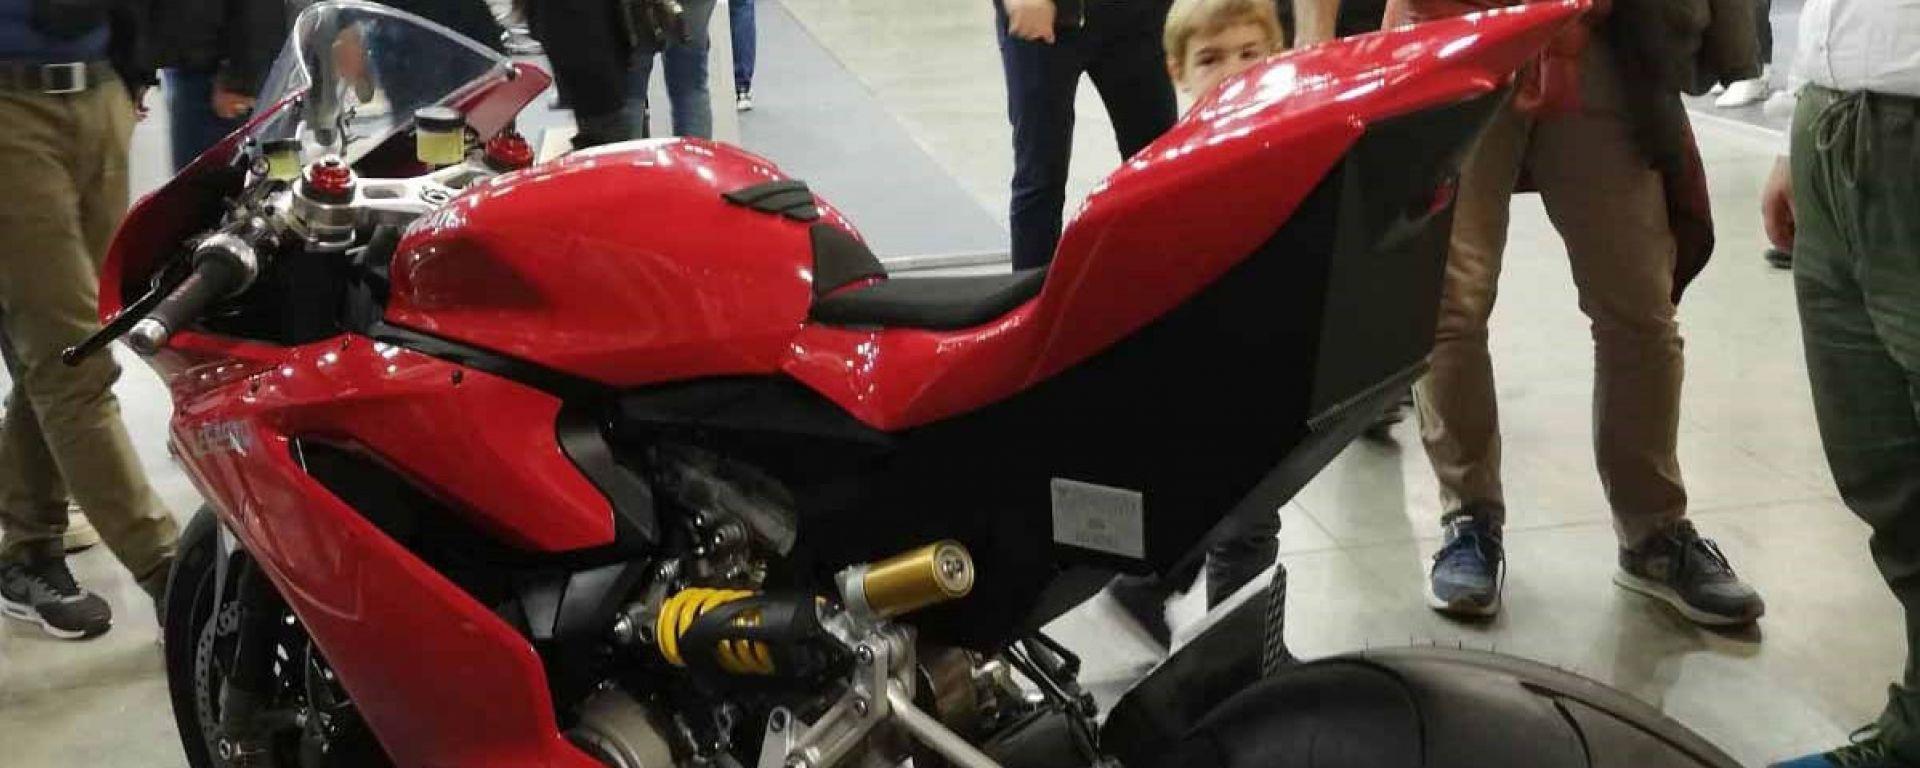 Efesto 200 Novantanove Hybrid Kit porta Ducati Panigale a 300 CV